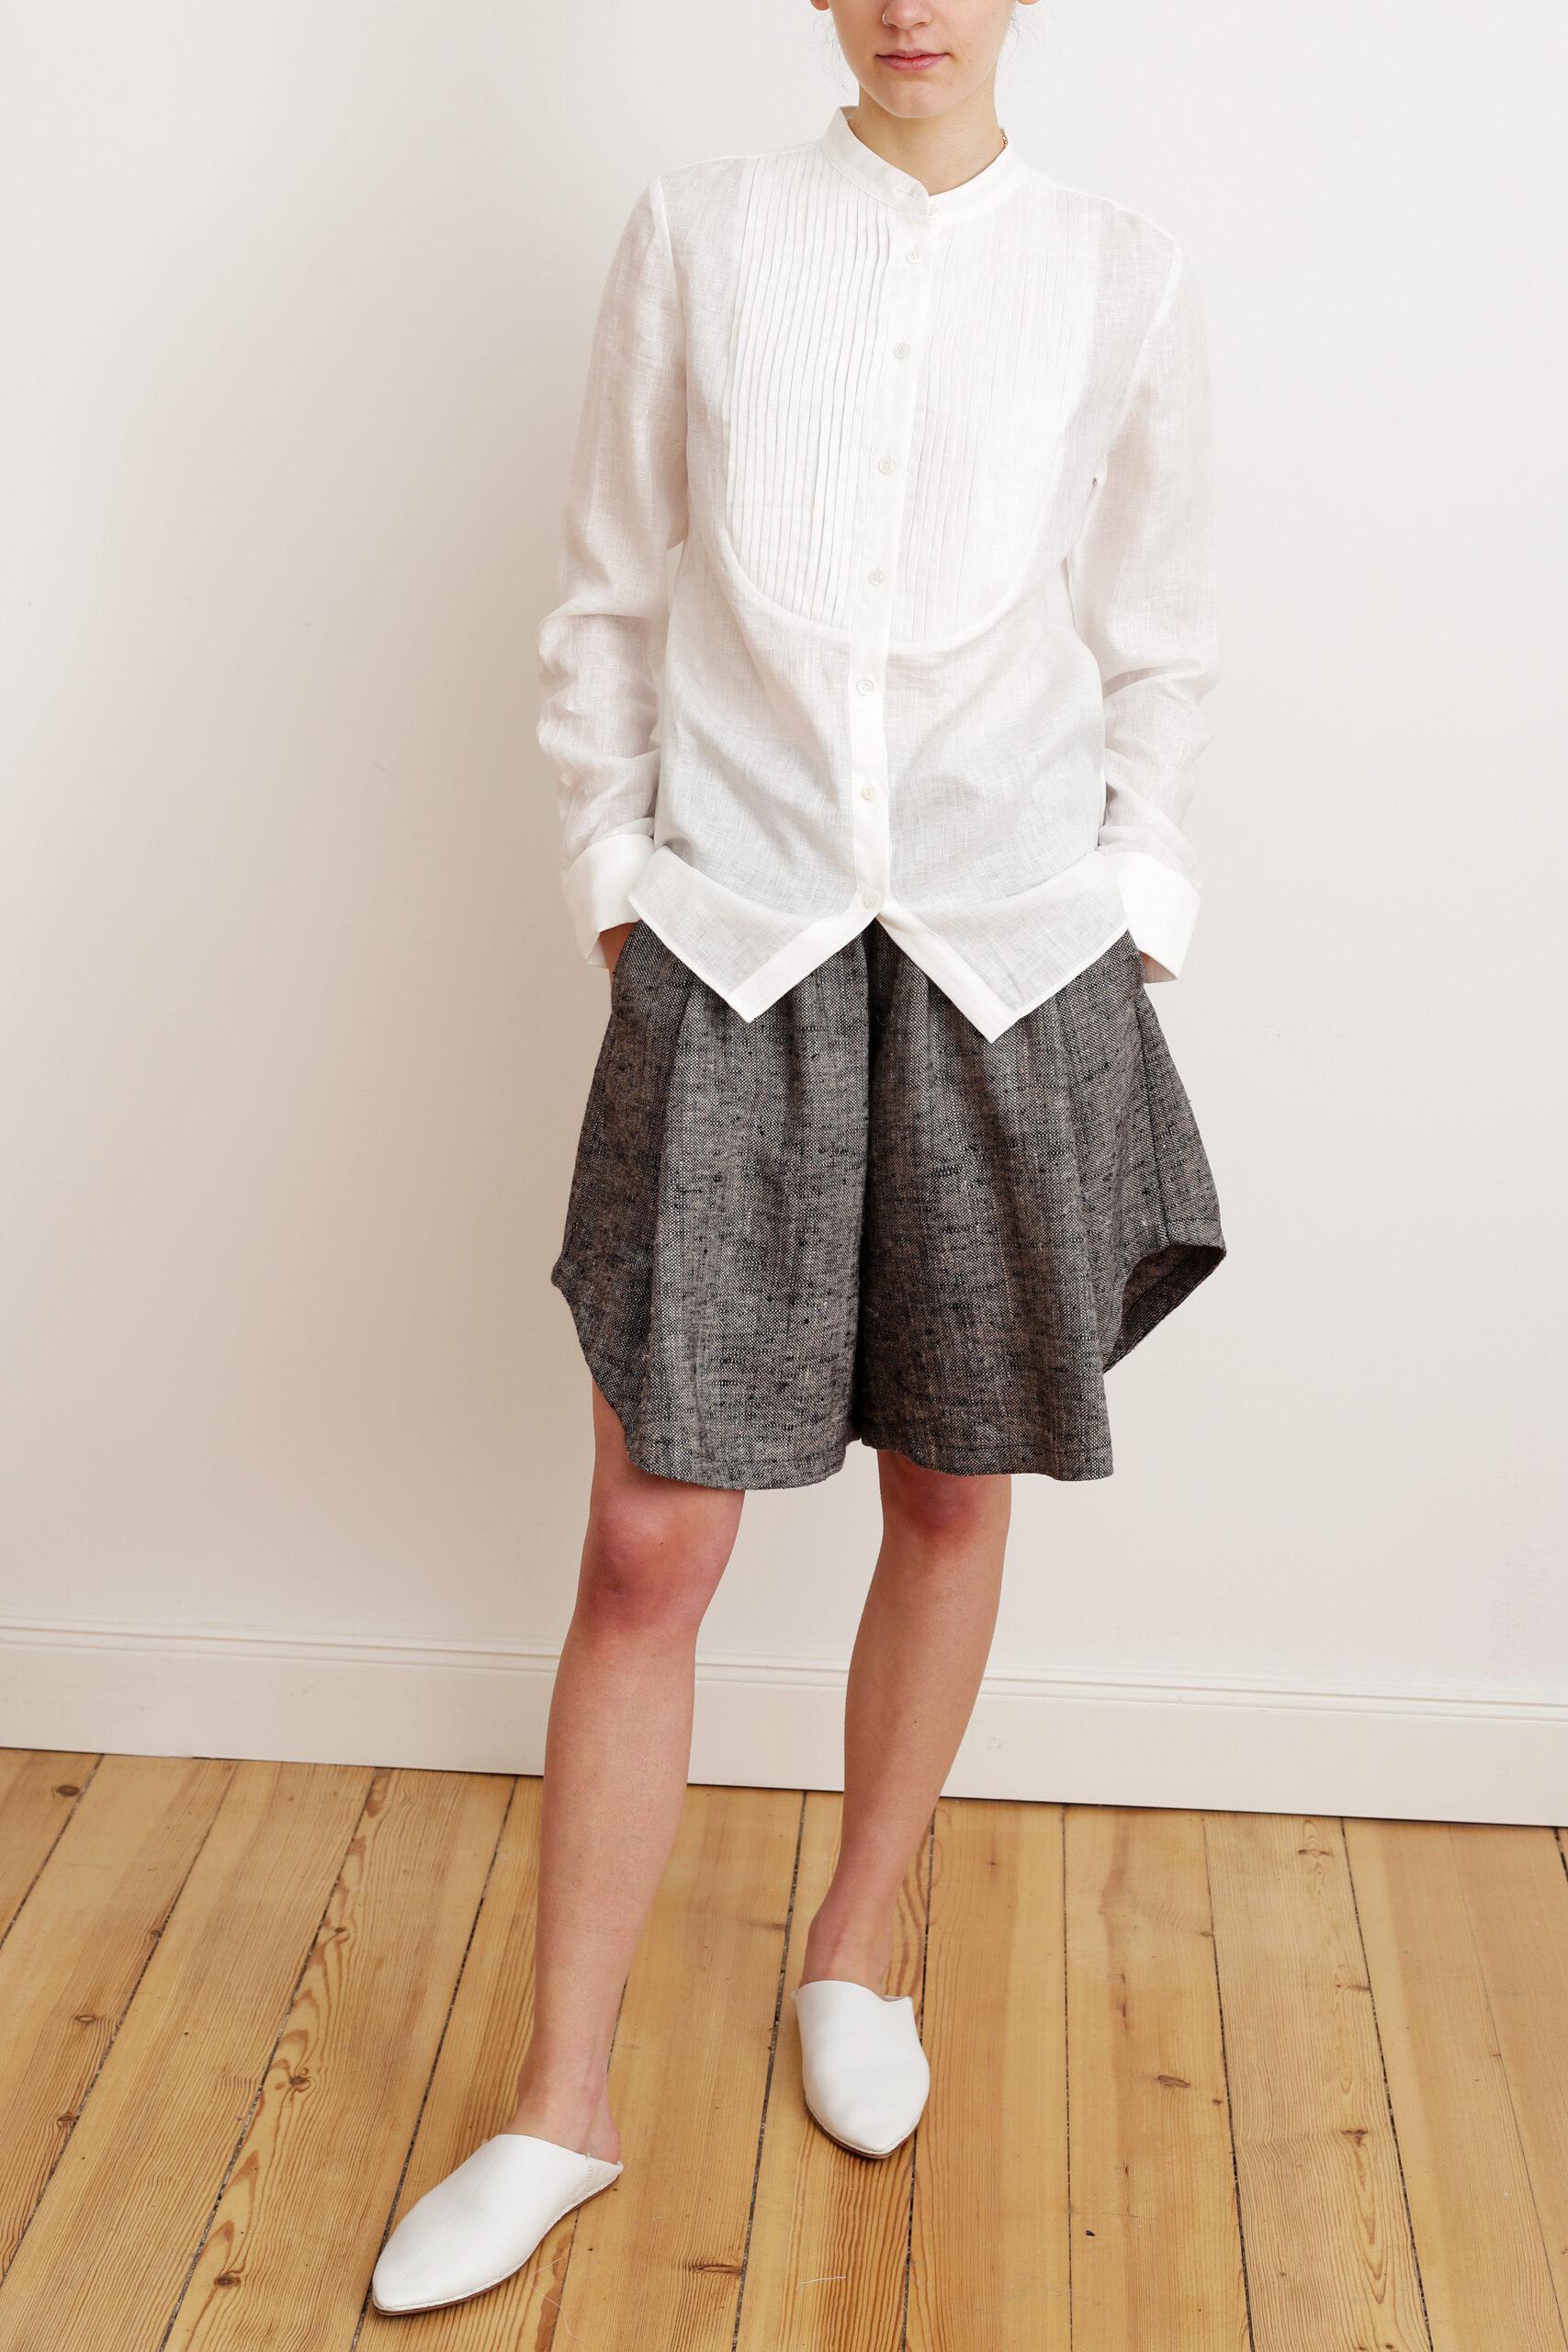 Tuxedo shirt and Linen short. Sustainable luxury fashion.